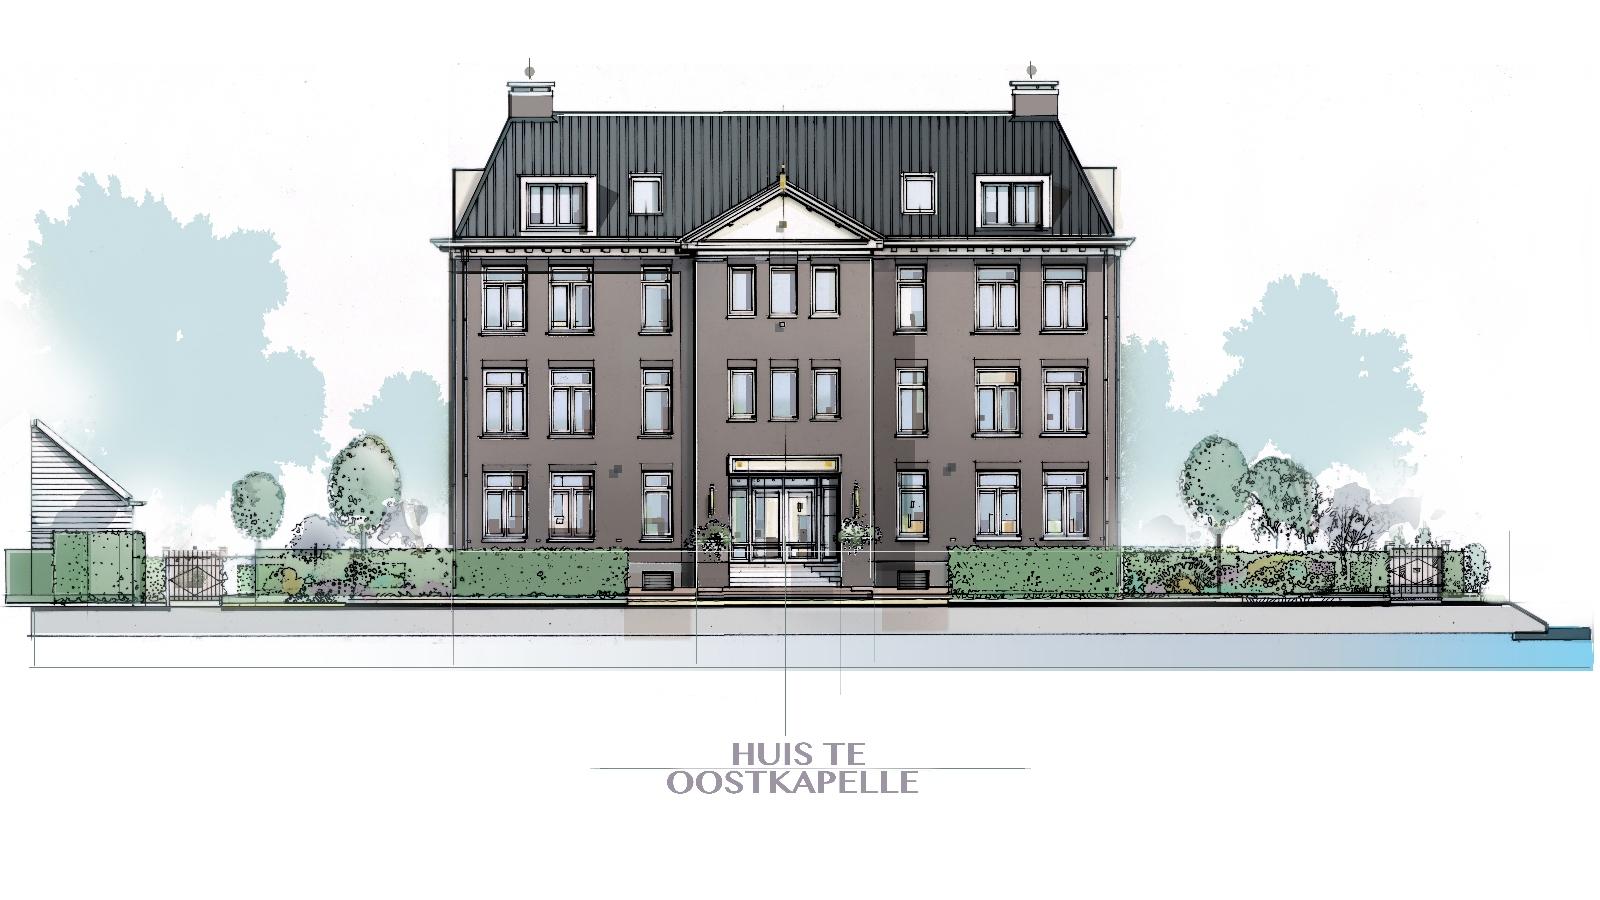 Nieuwbouw Huis te Oostkapelle